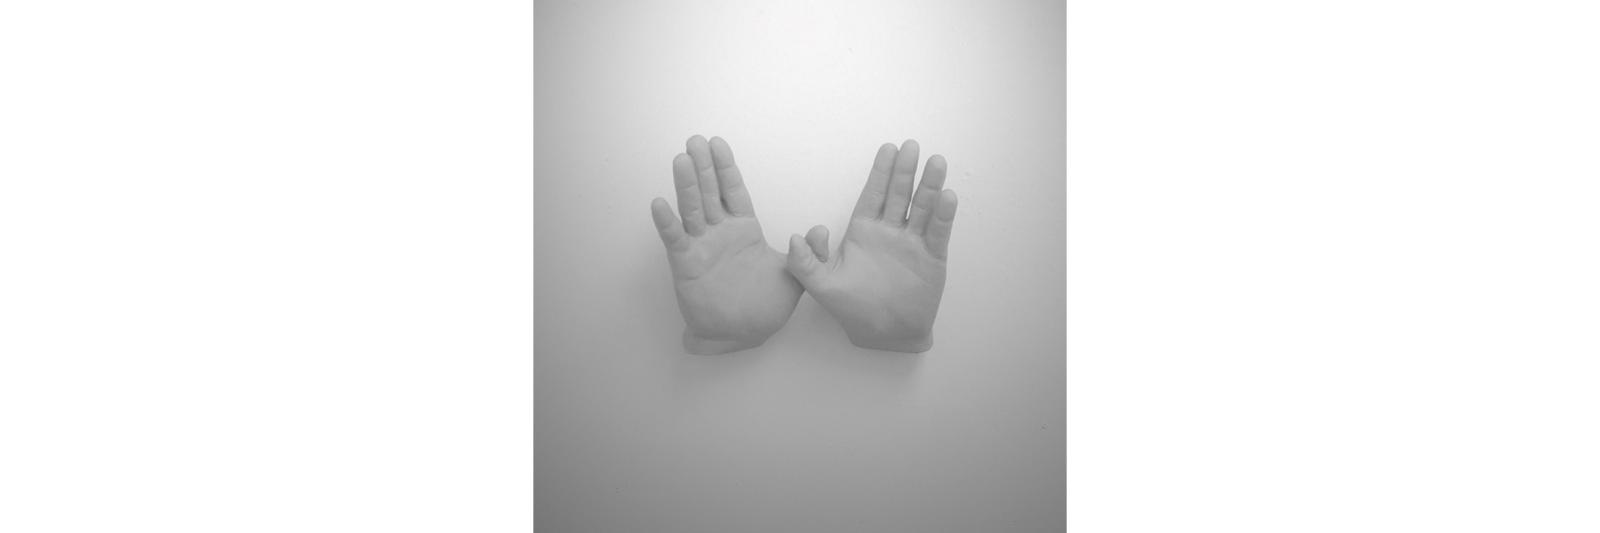 Lift_thumb